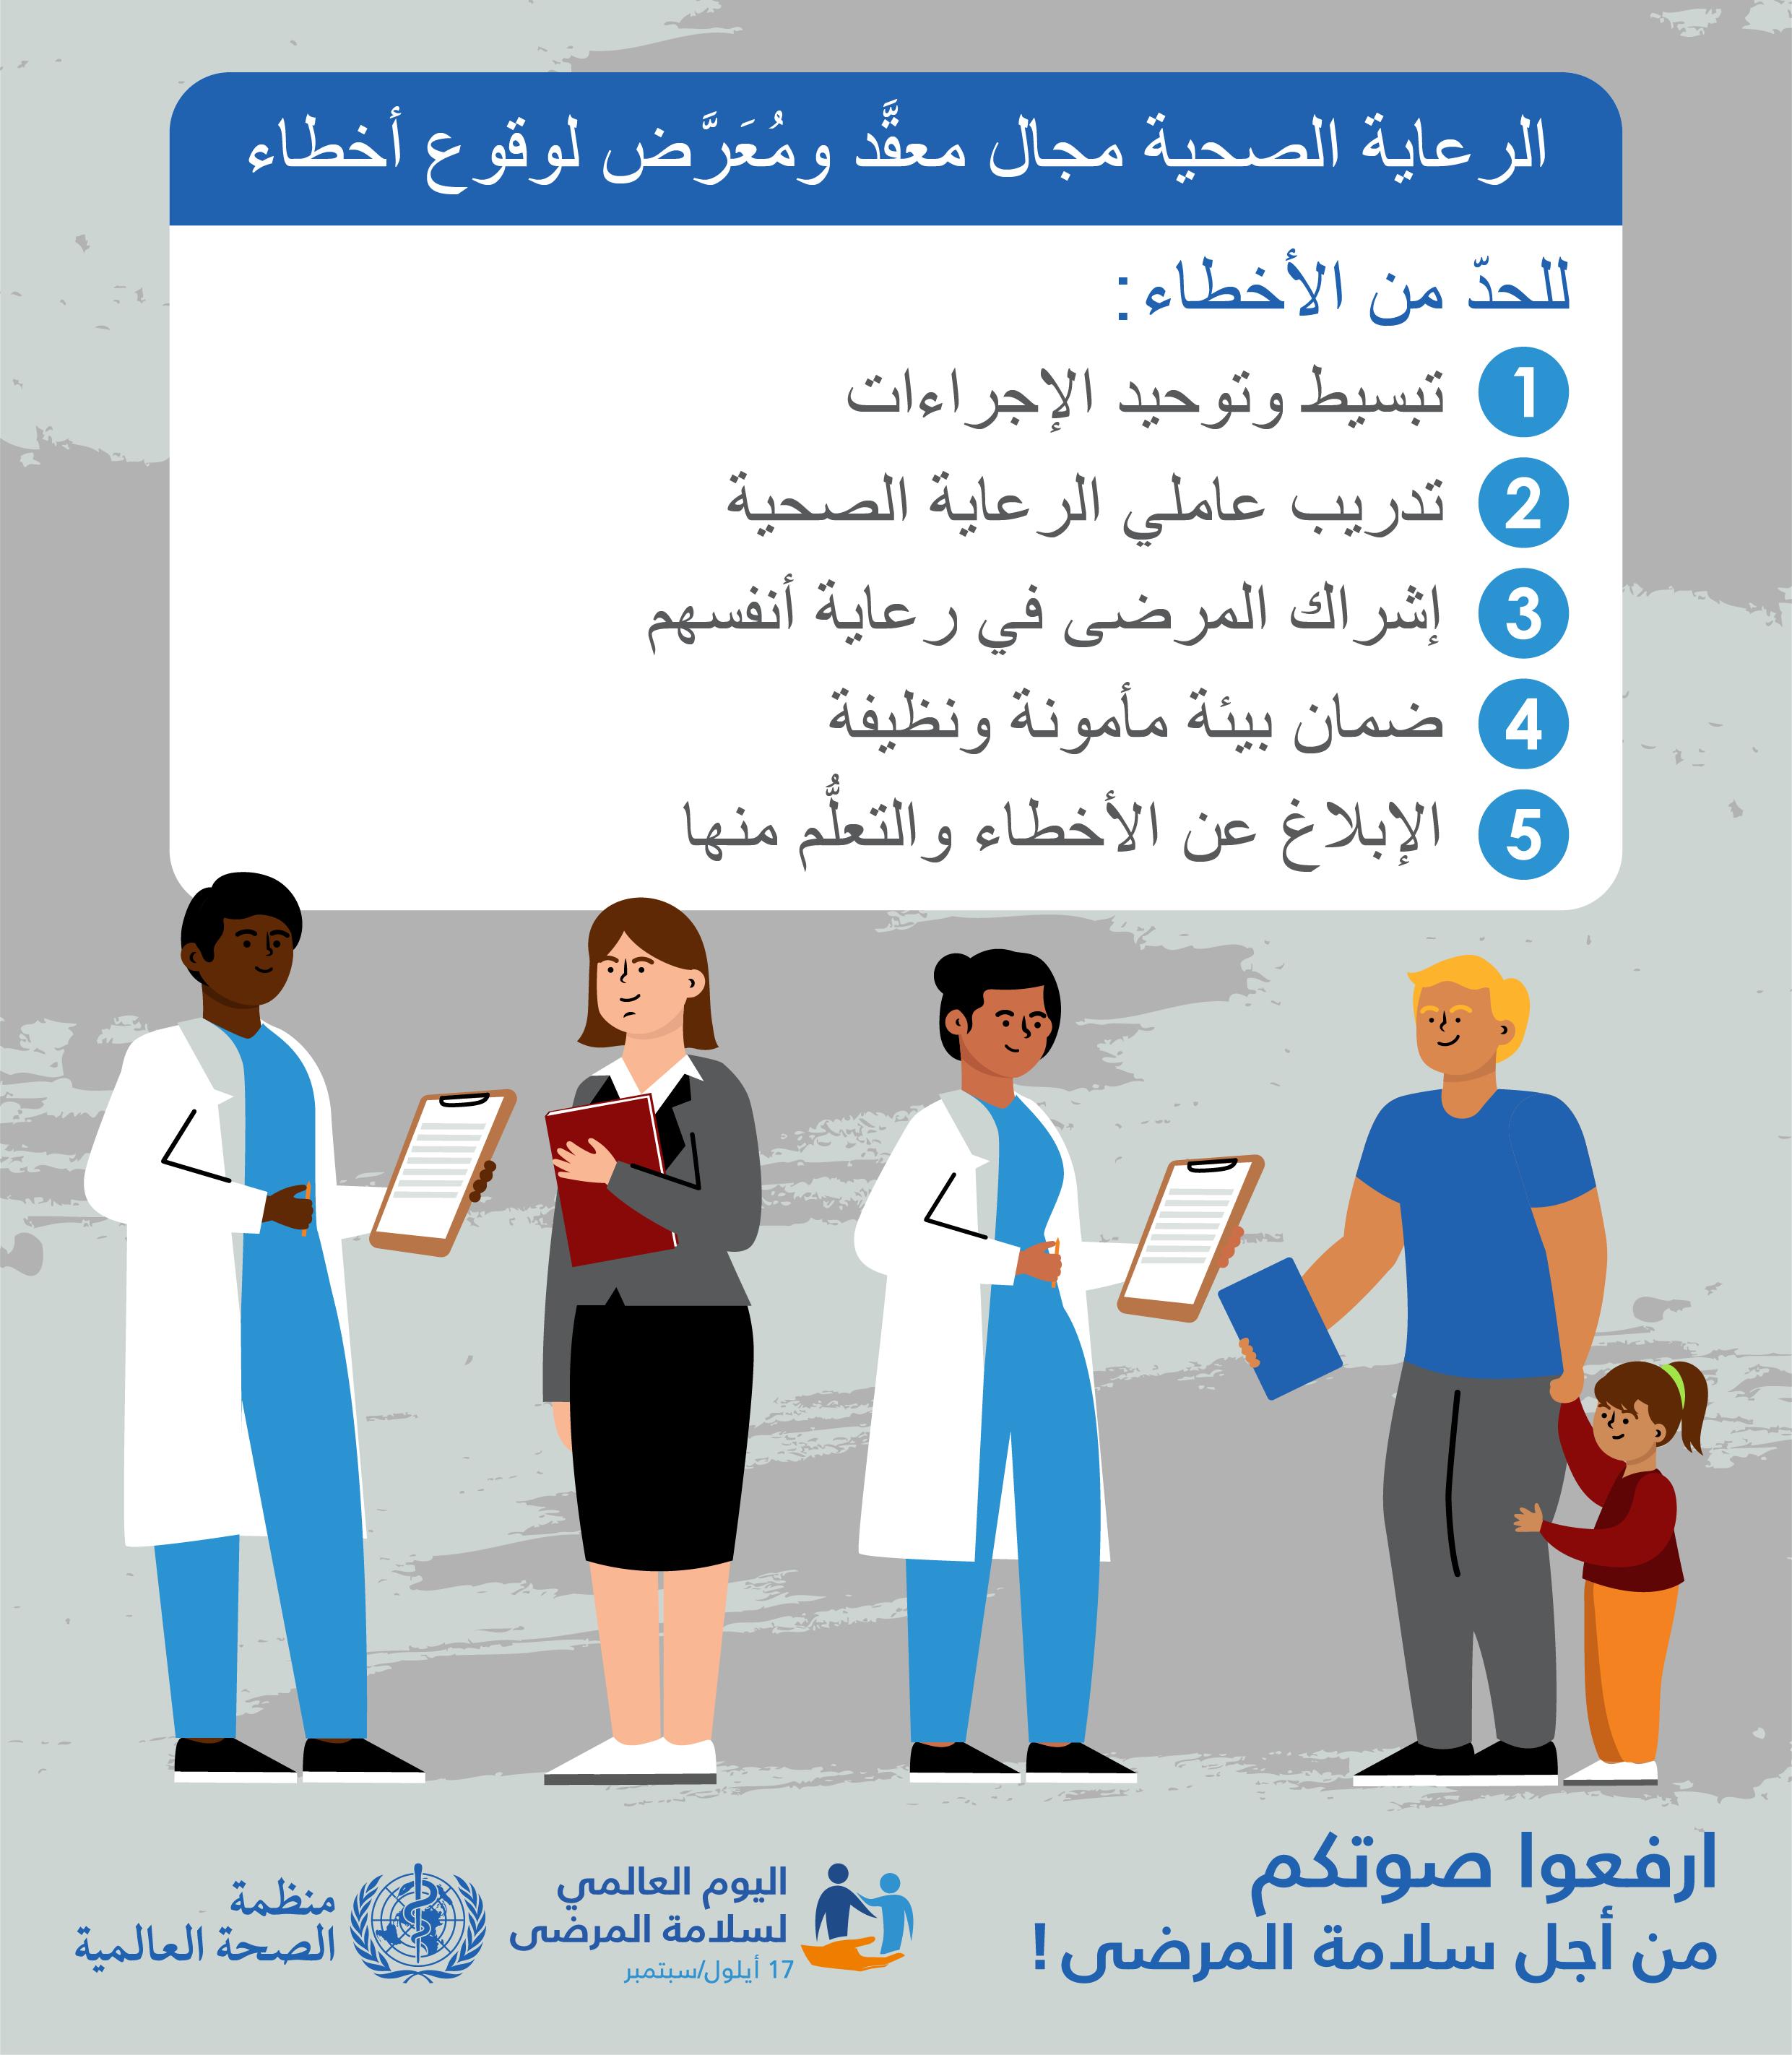 سبب الاحتفال في اليوم العالمي لسلامة المرضى